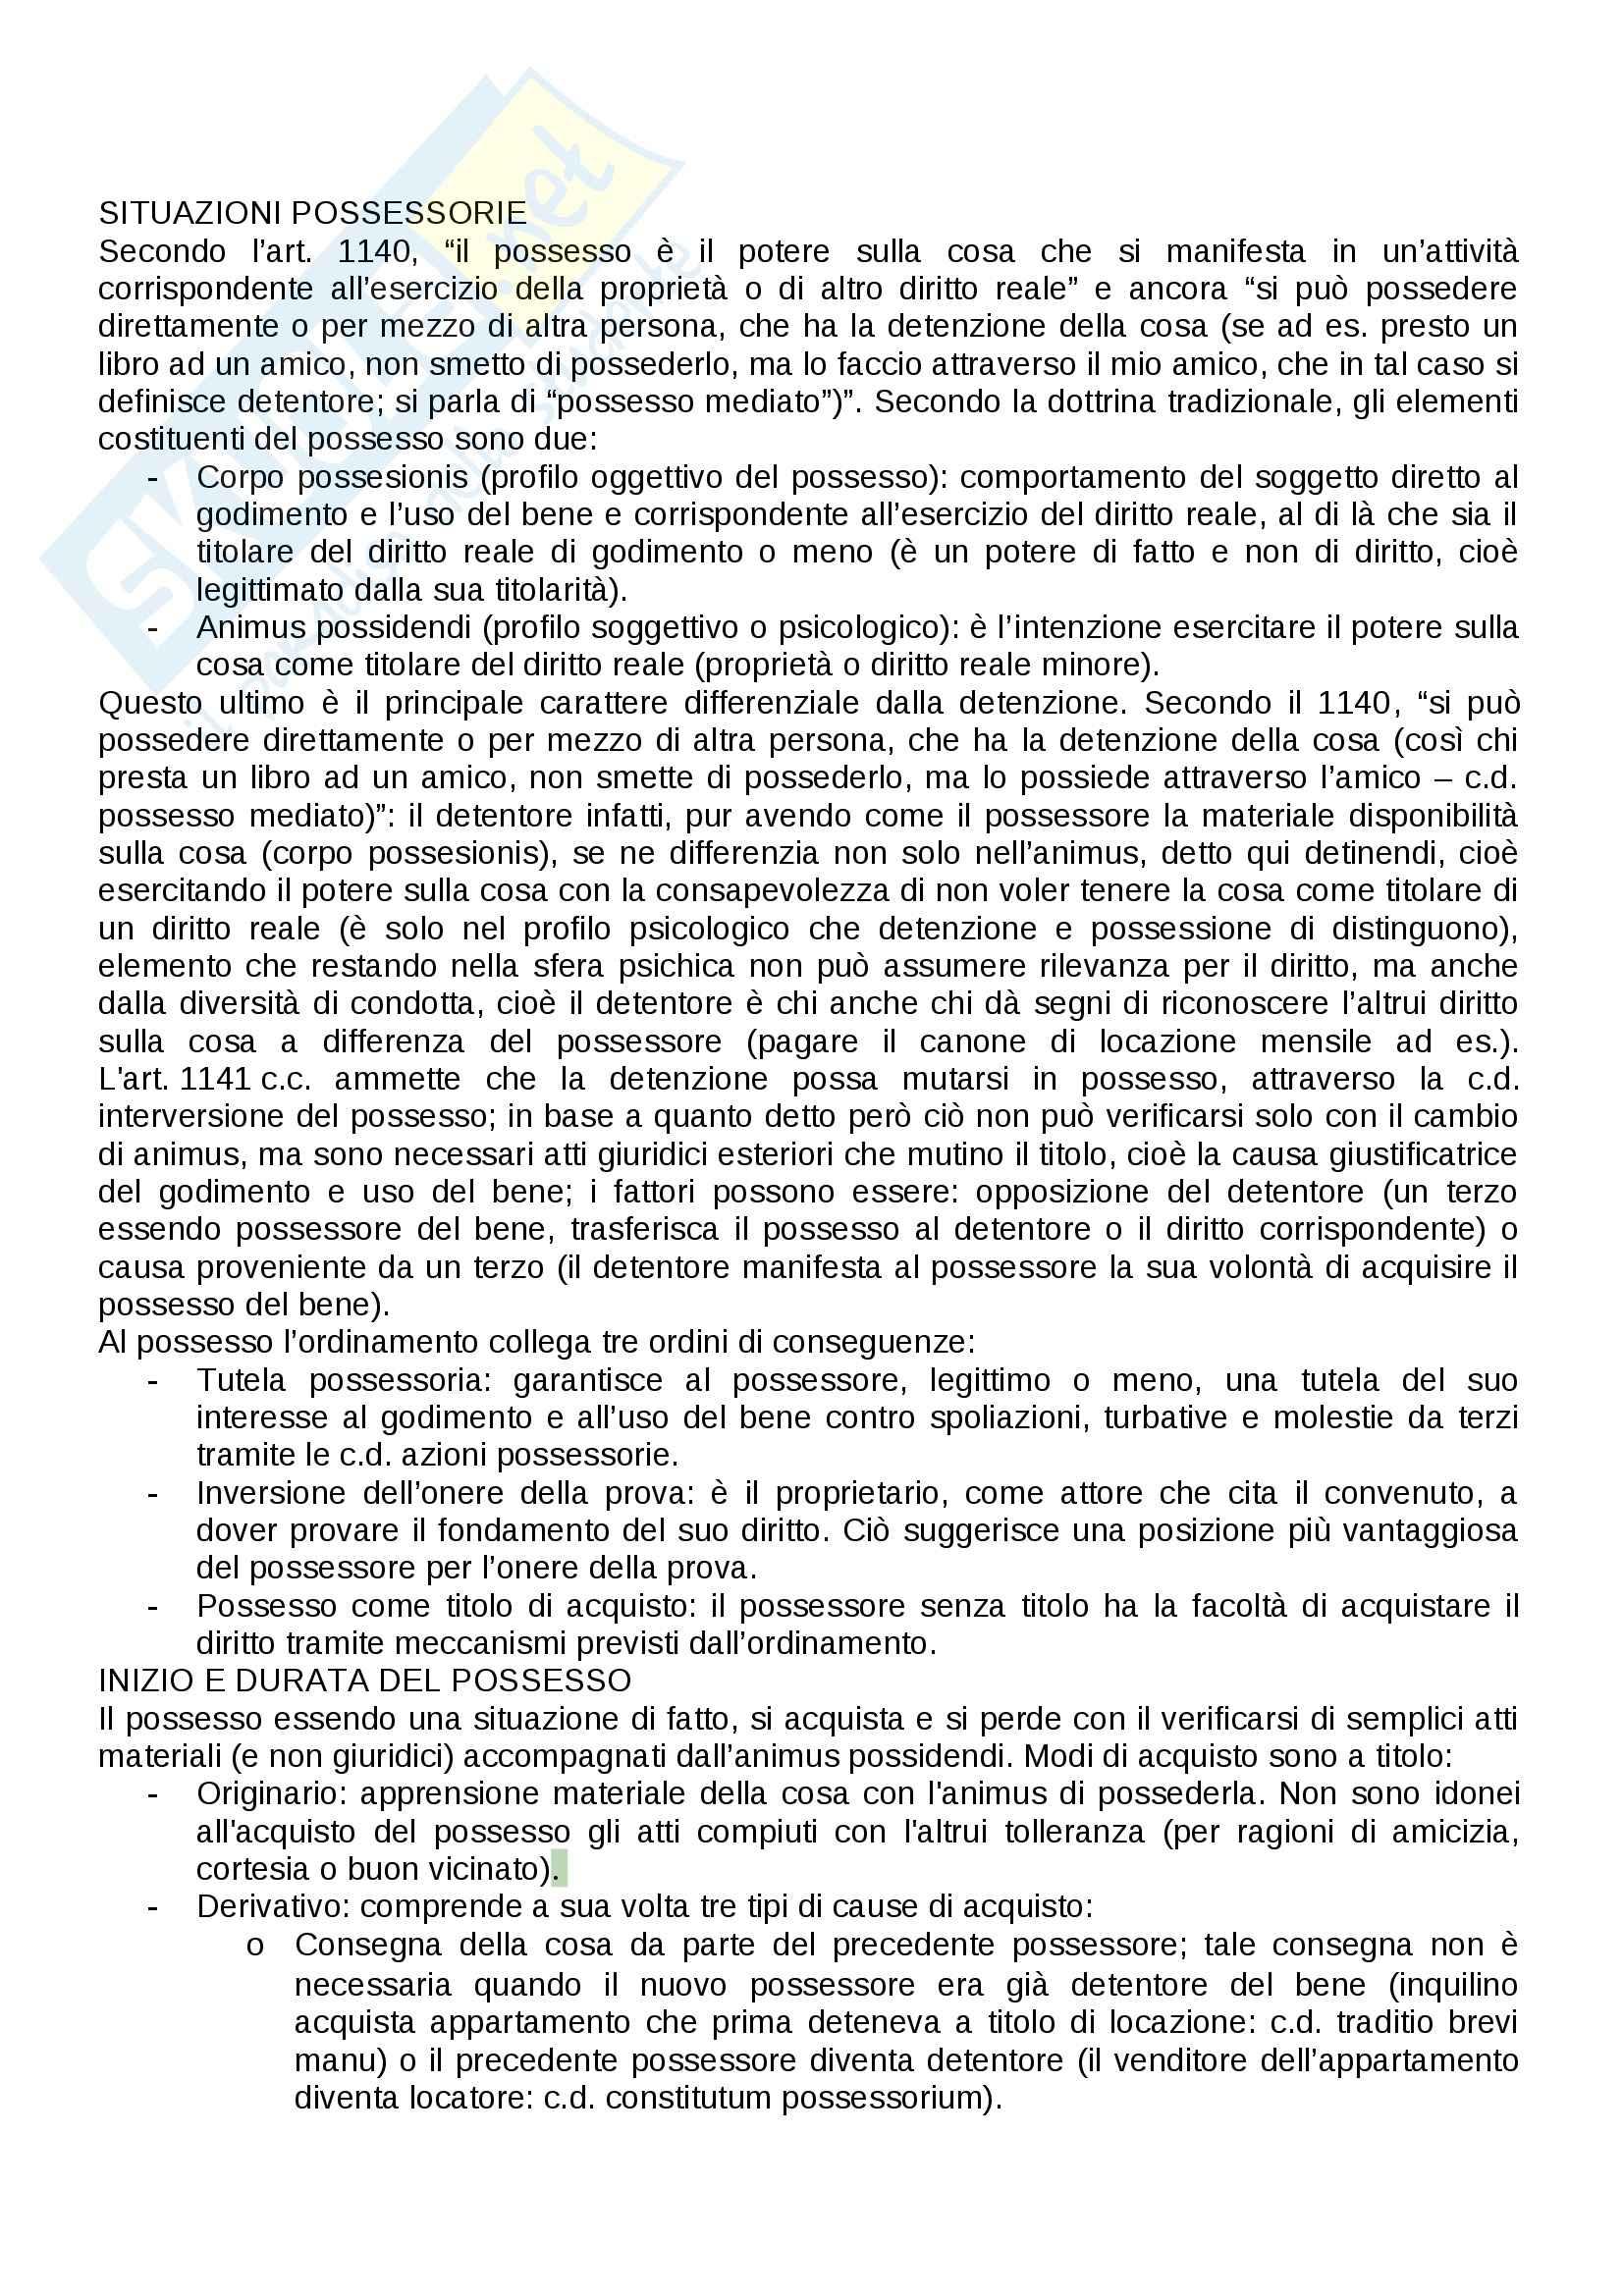 Diritto civile - situazioni possessorie